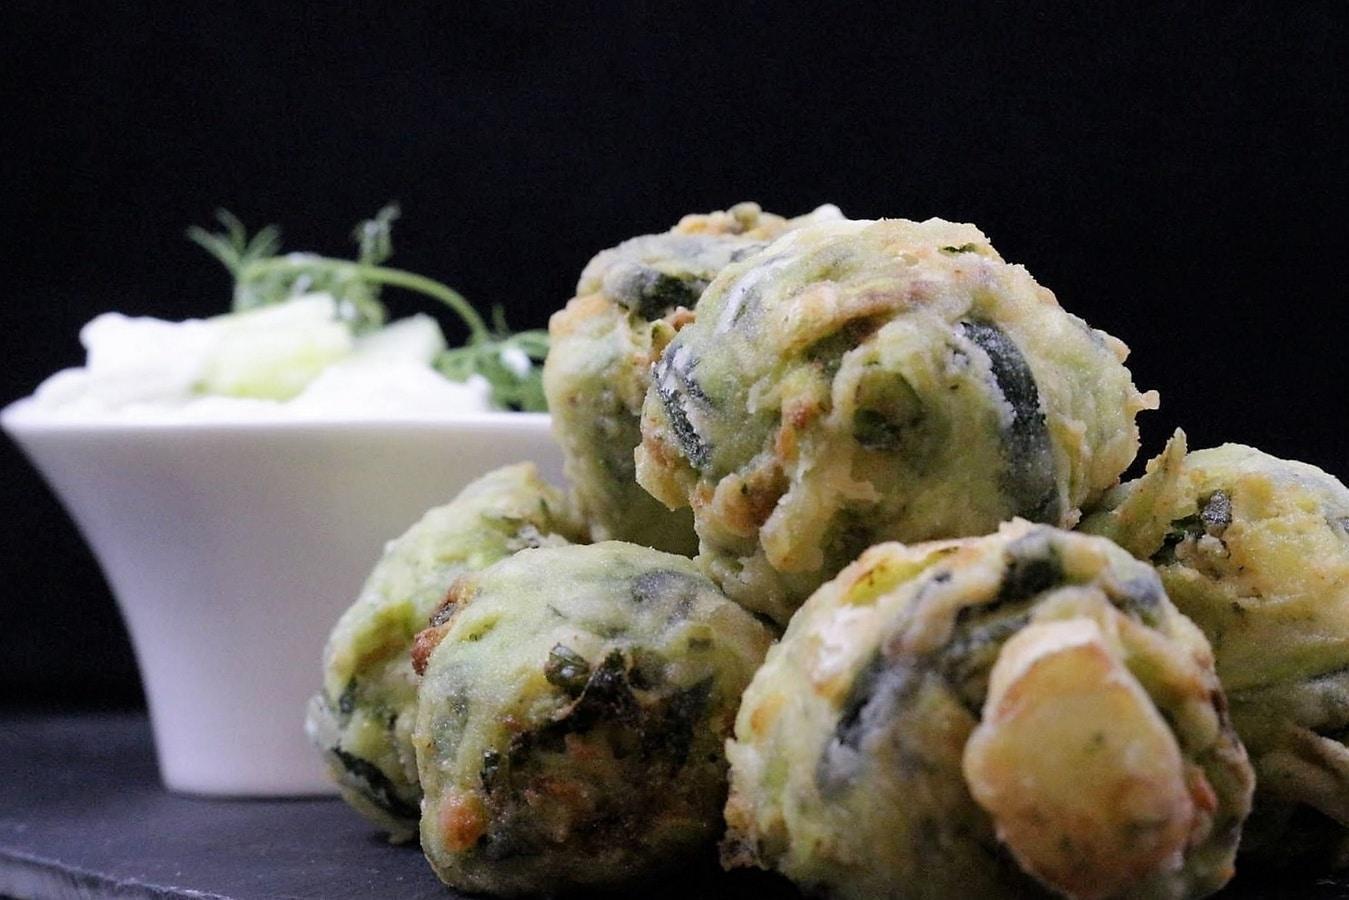 corso di cucina di base a torino scuola di cucina la palestra del cibo verdure ripiene piatto unico ricette con le verdure